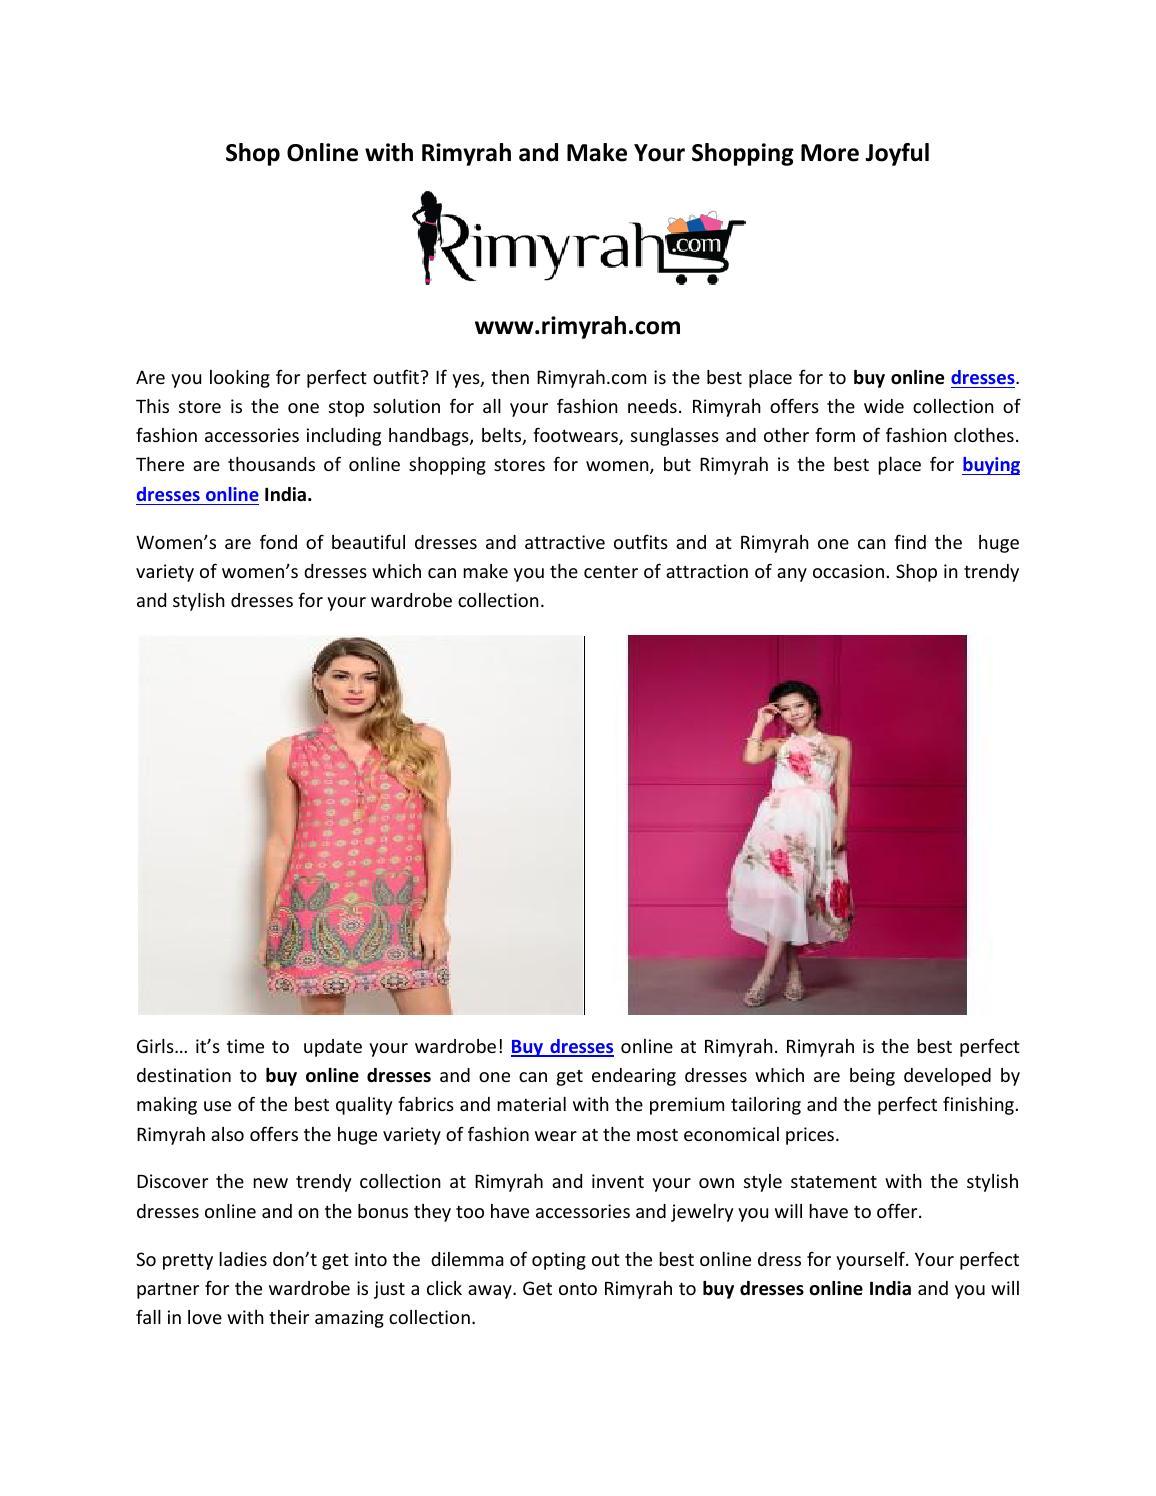 97a255e16 Shop online with rimyrah and make your shopping more joyful by rimyrah -  issuu